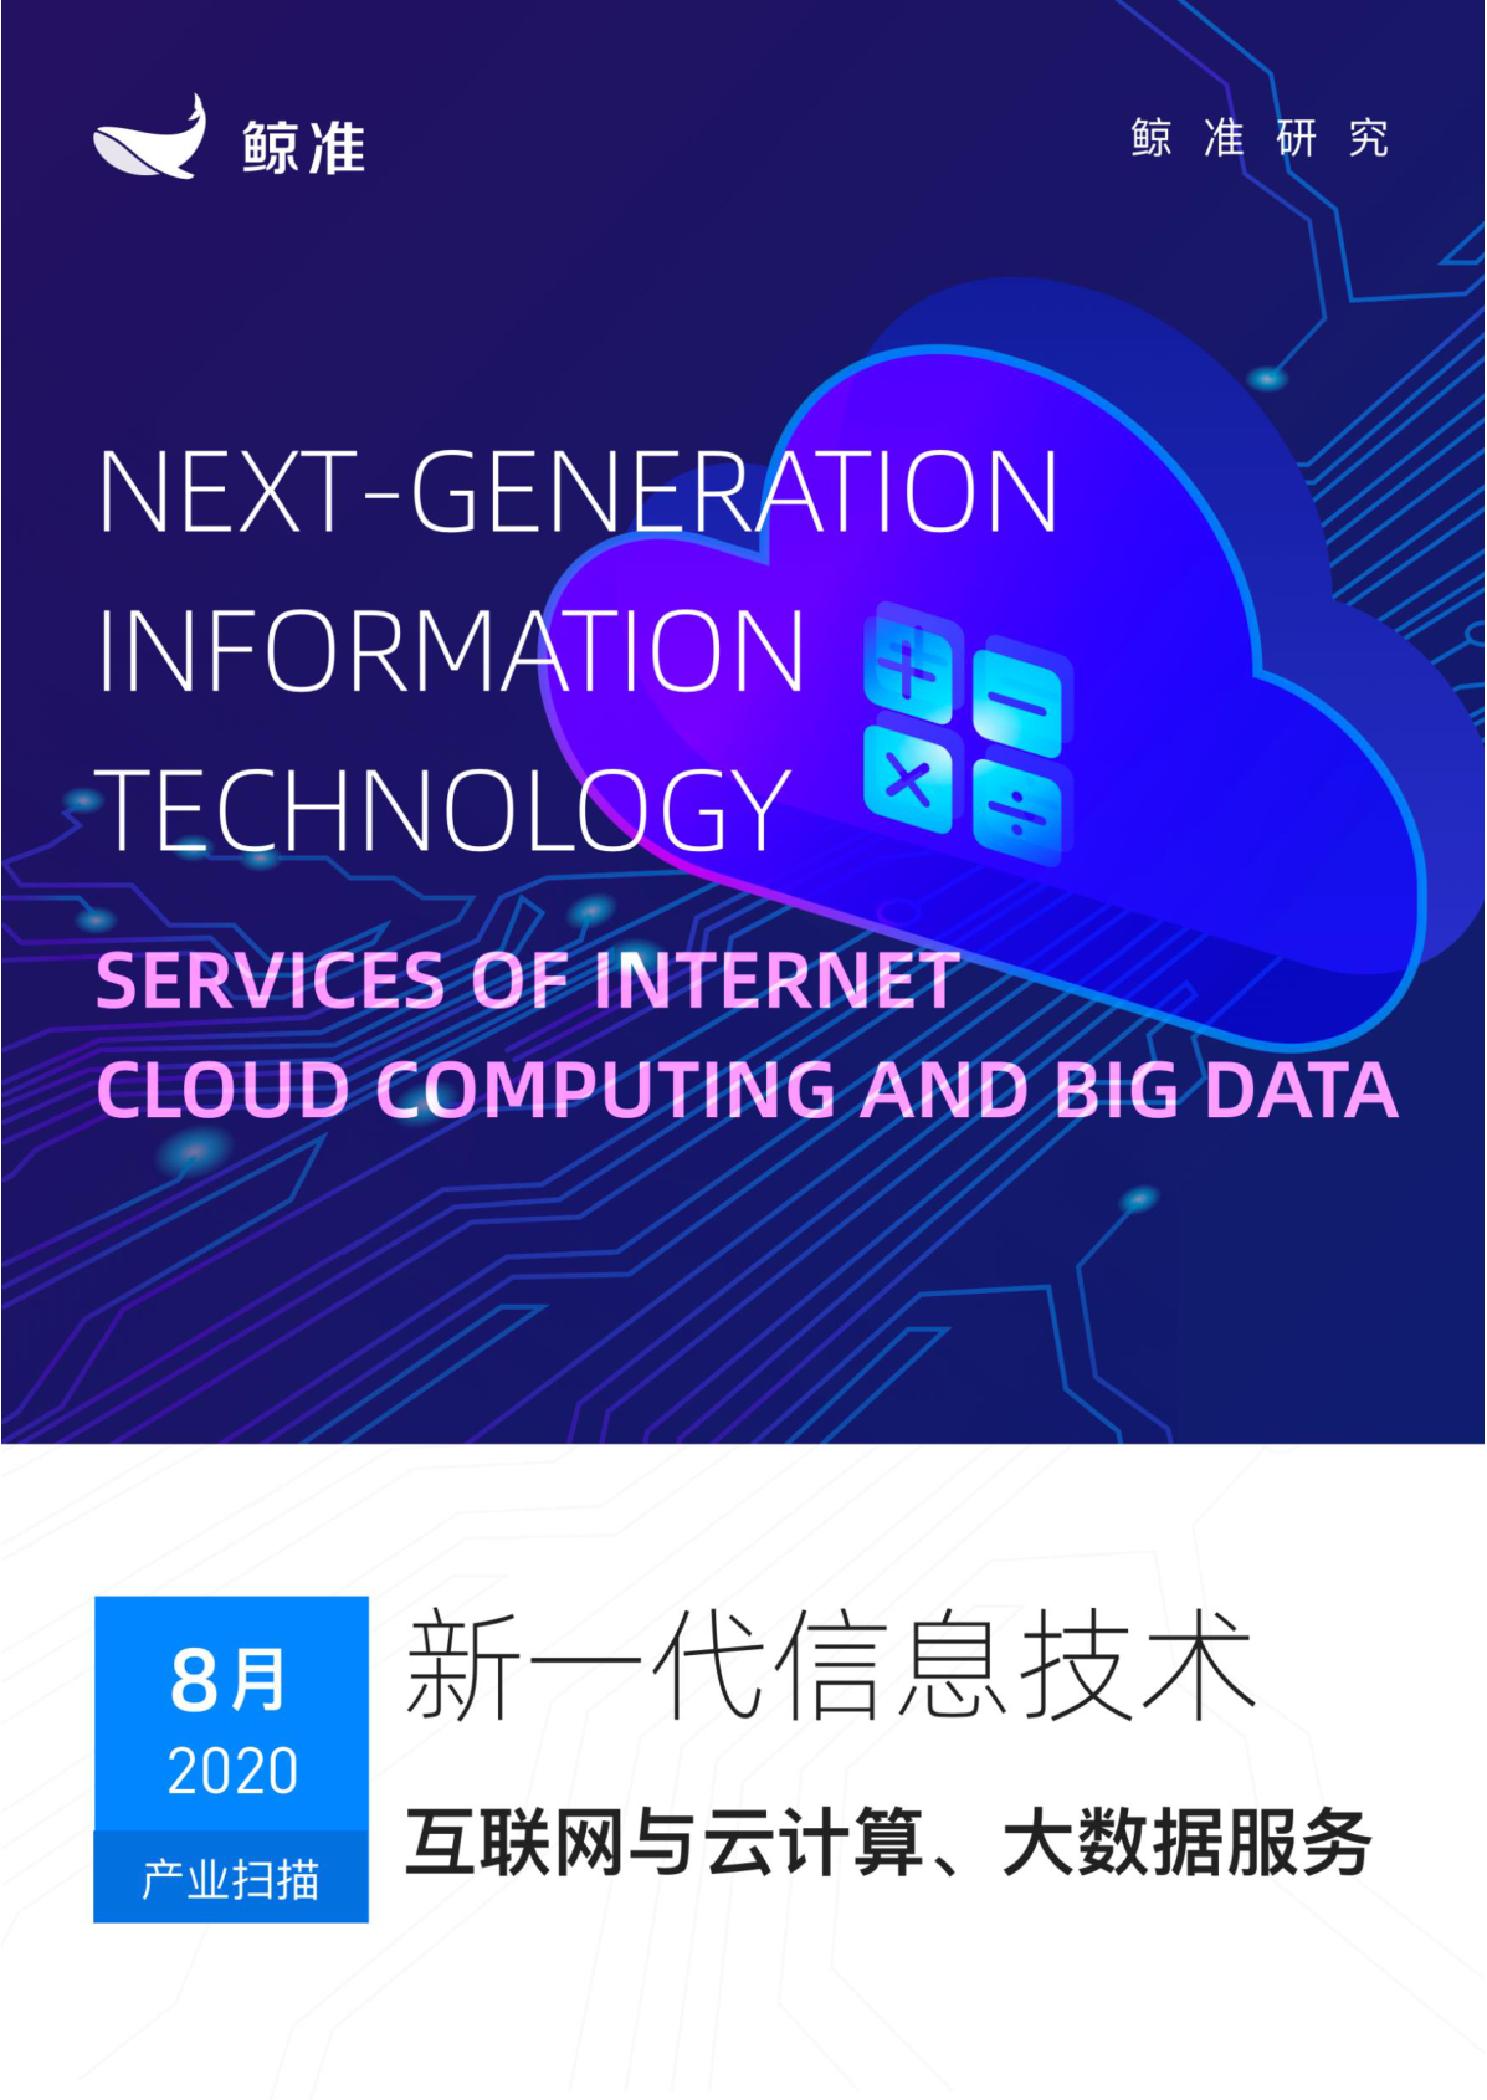 产业月度报告:互联网与云计算、大数据服务